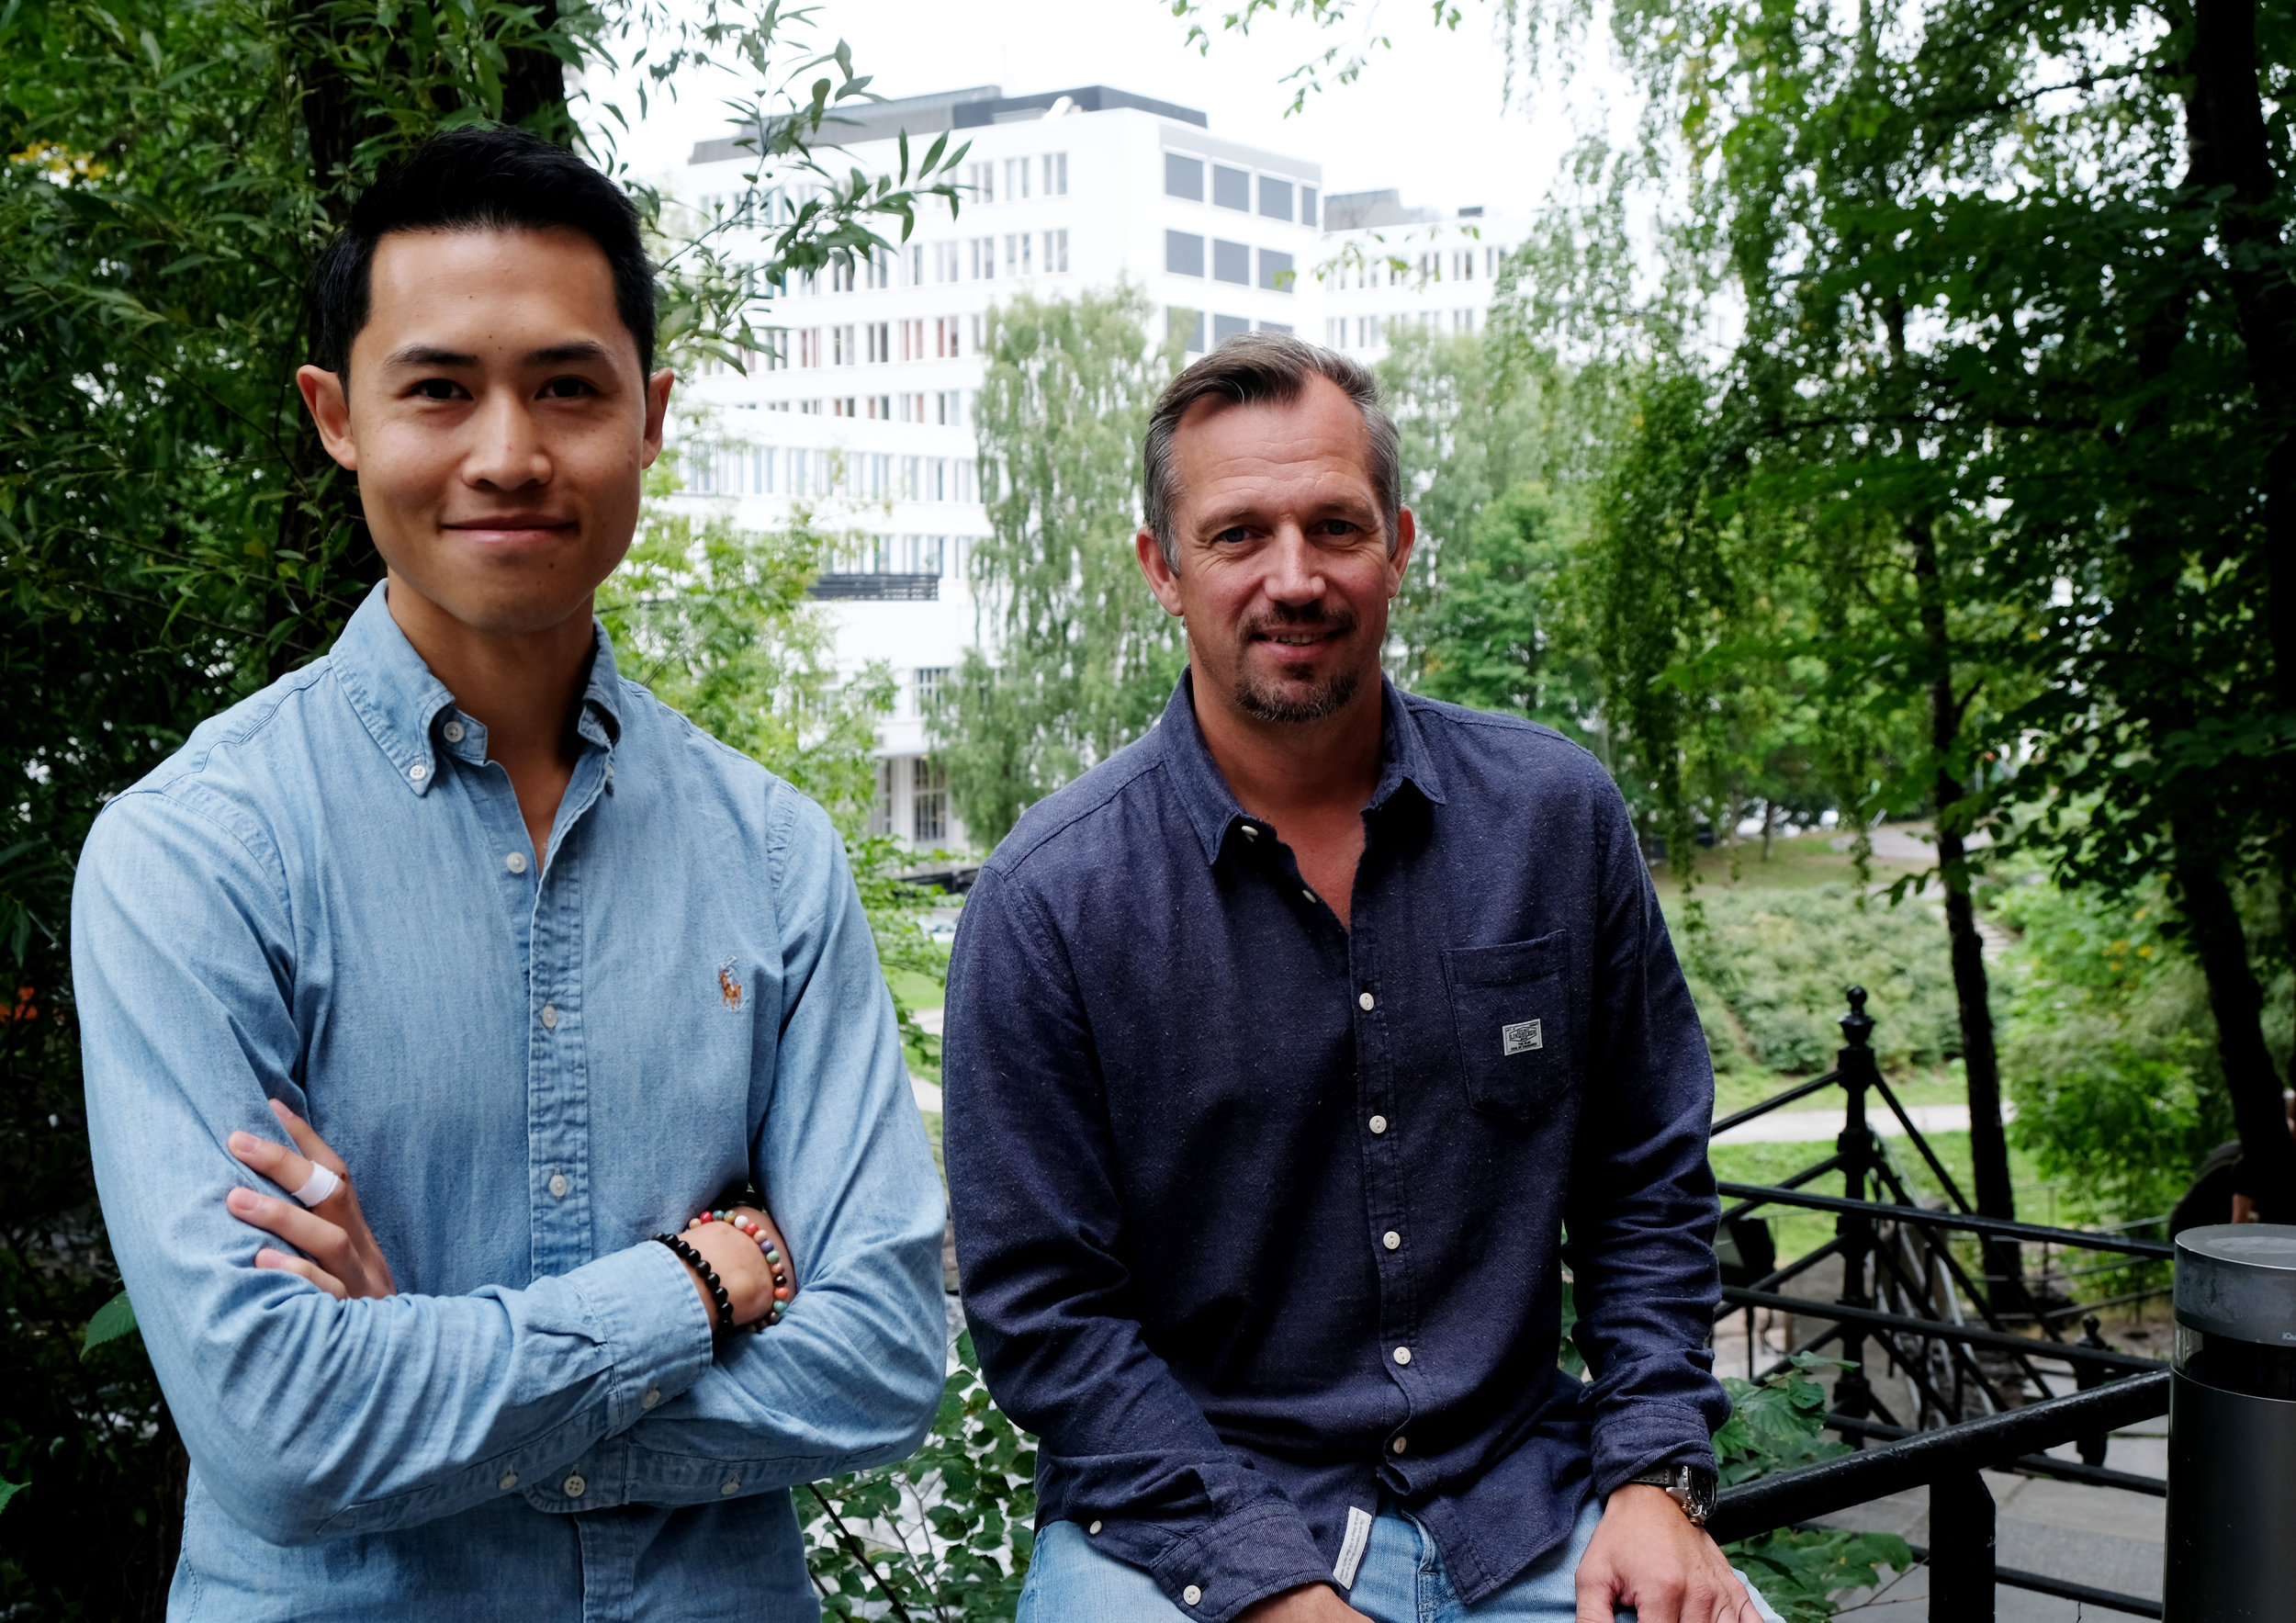 From left: Hoa Binh Nguyen og CEO Ståle Lund-Andersen